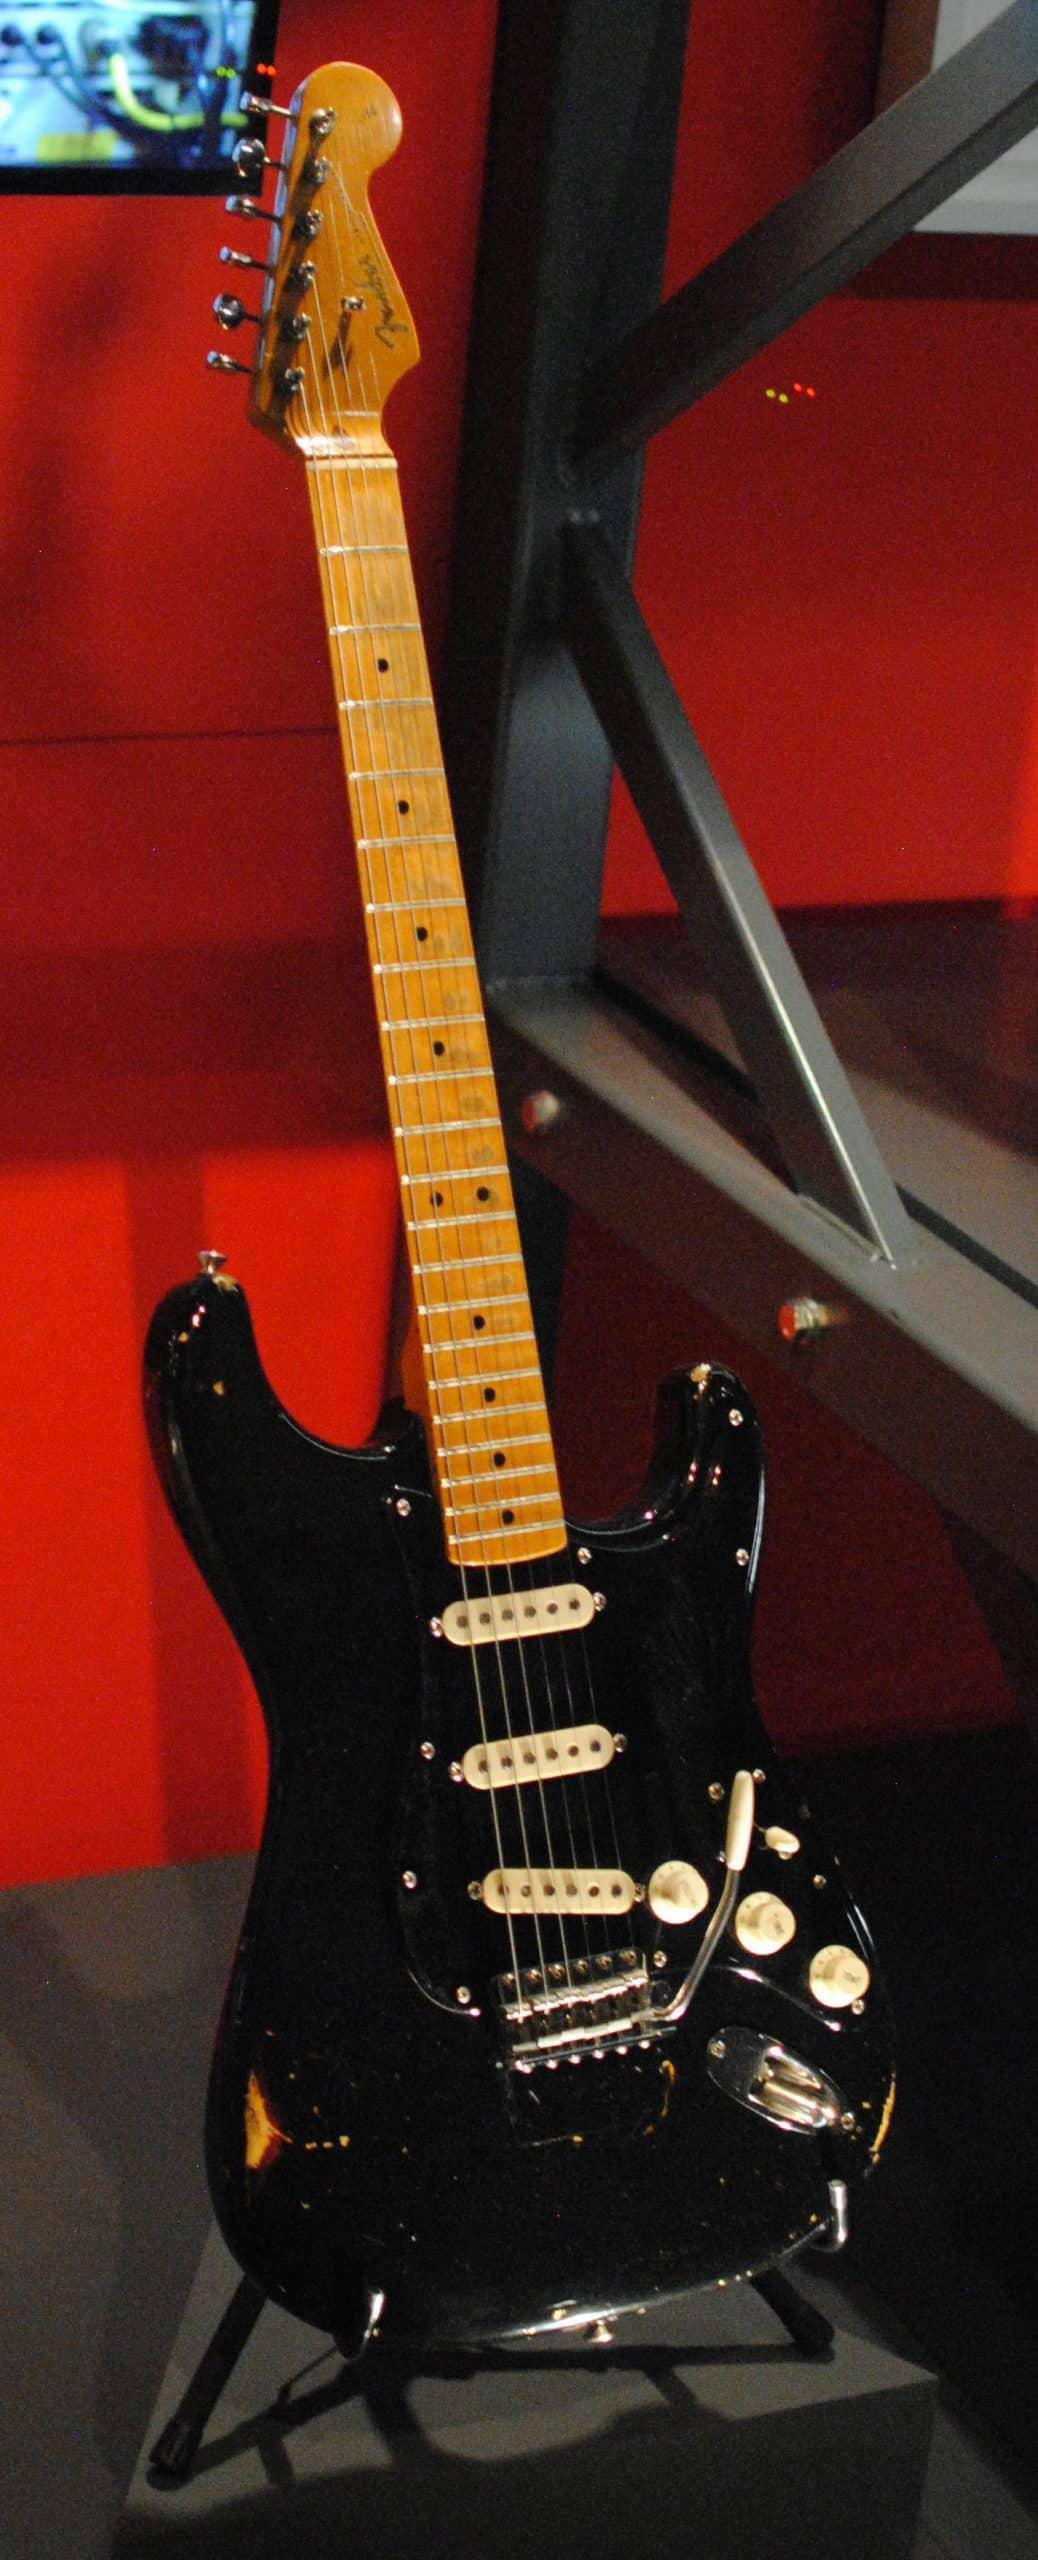 Black Strat - David Gilmour